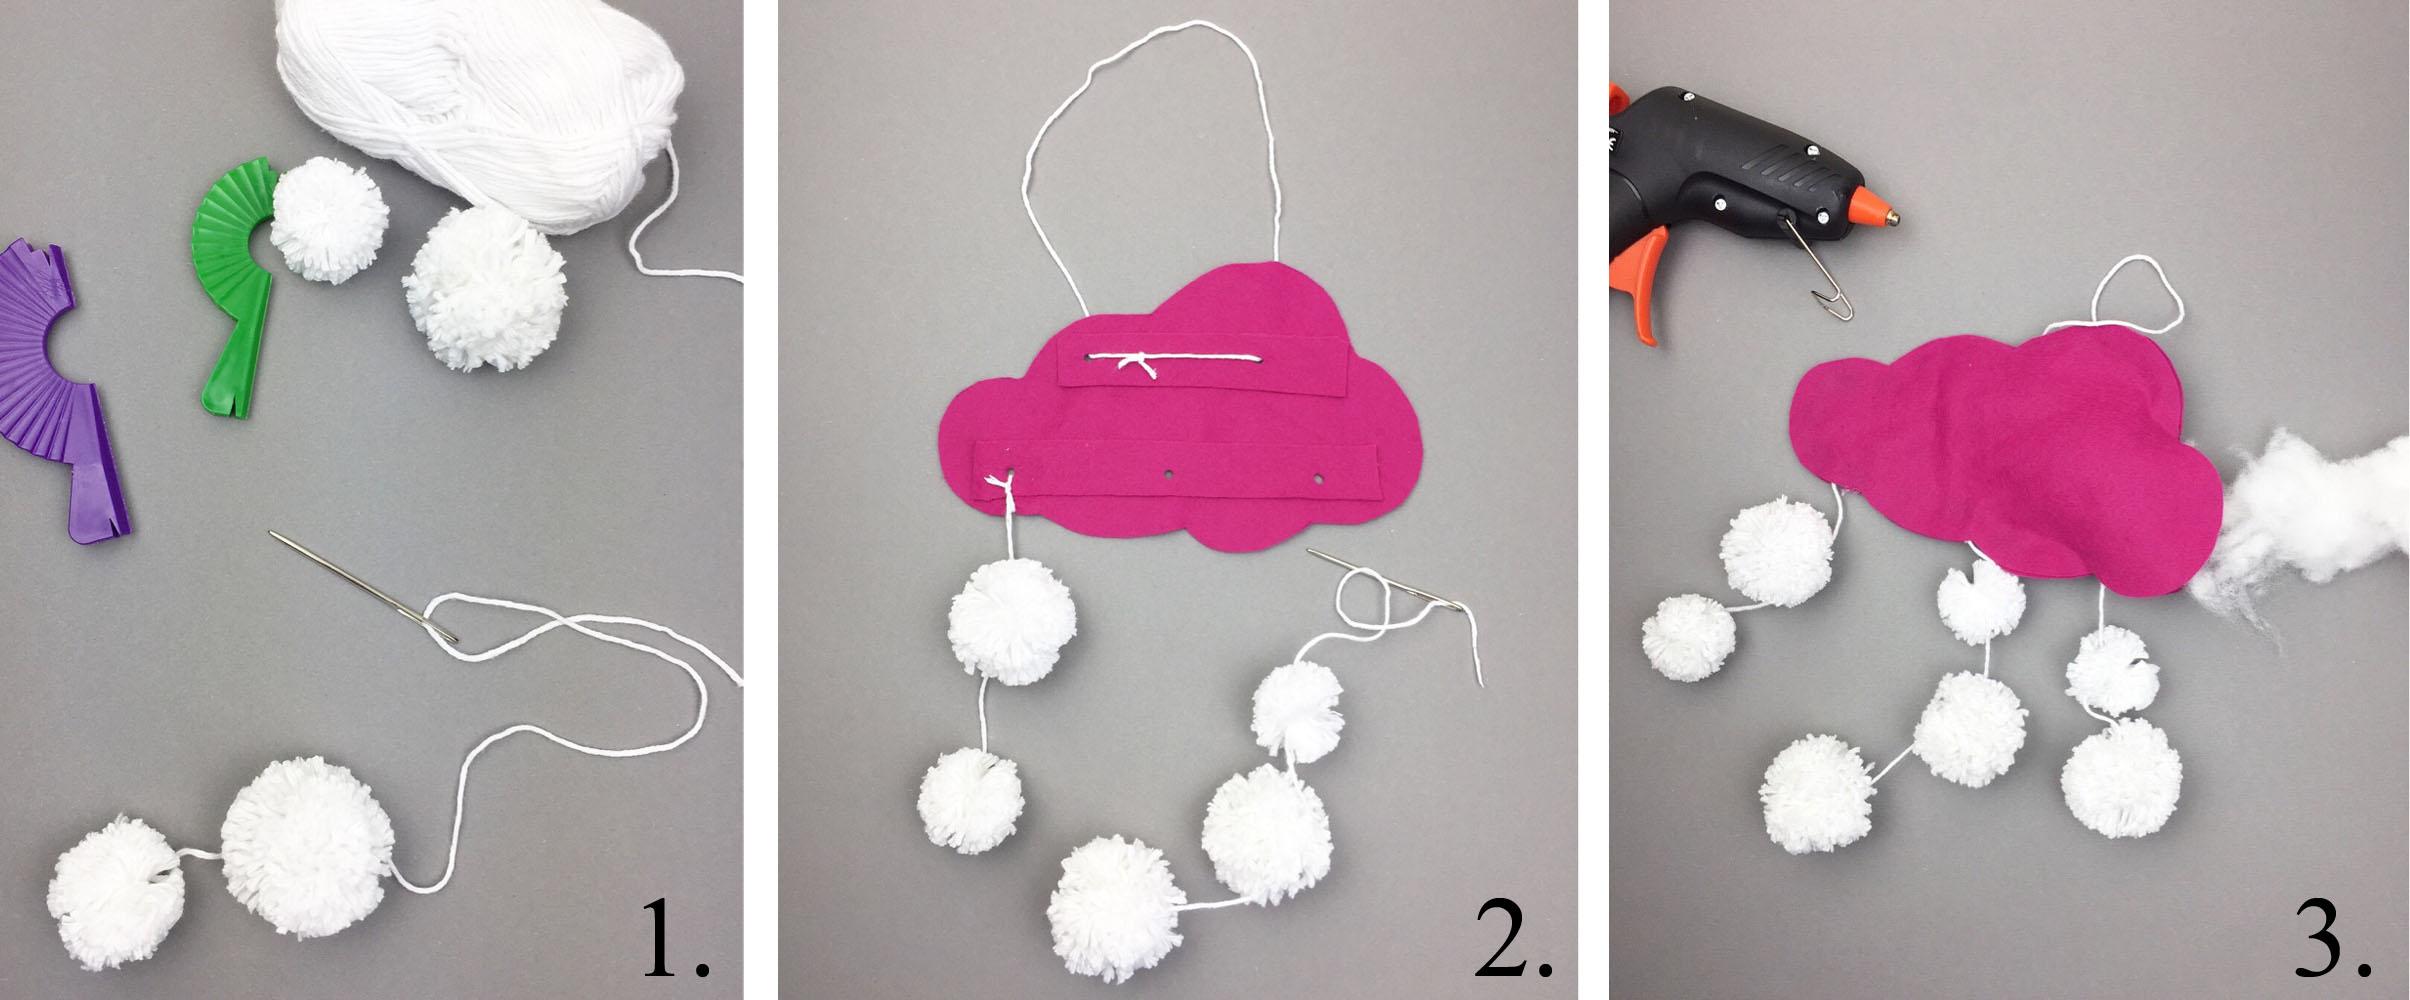 Anleitung Schneewolke basteln aus Pompoms